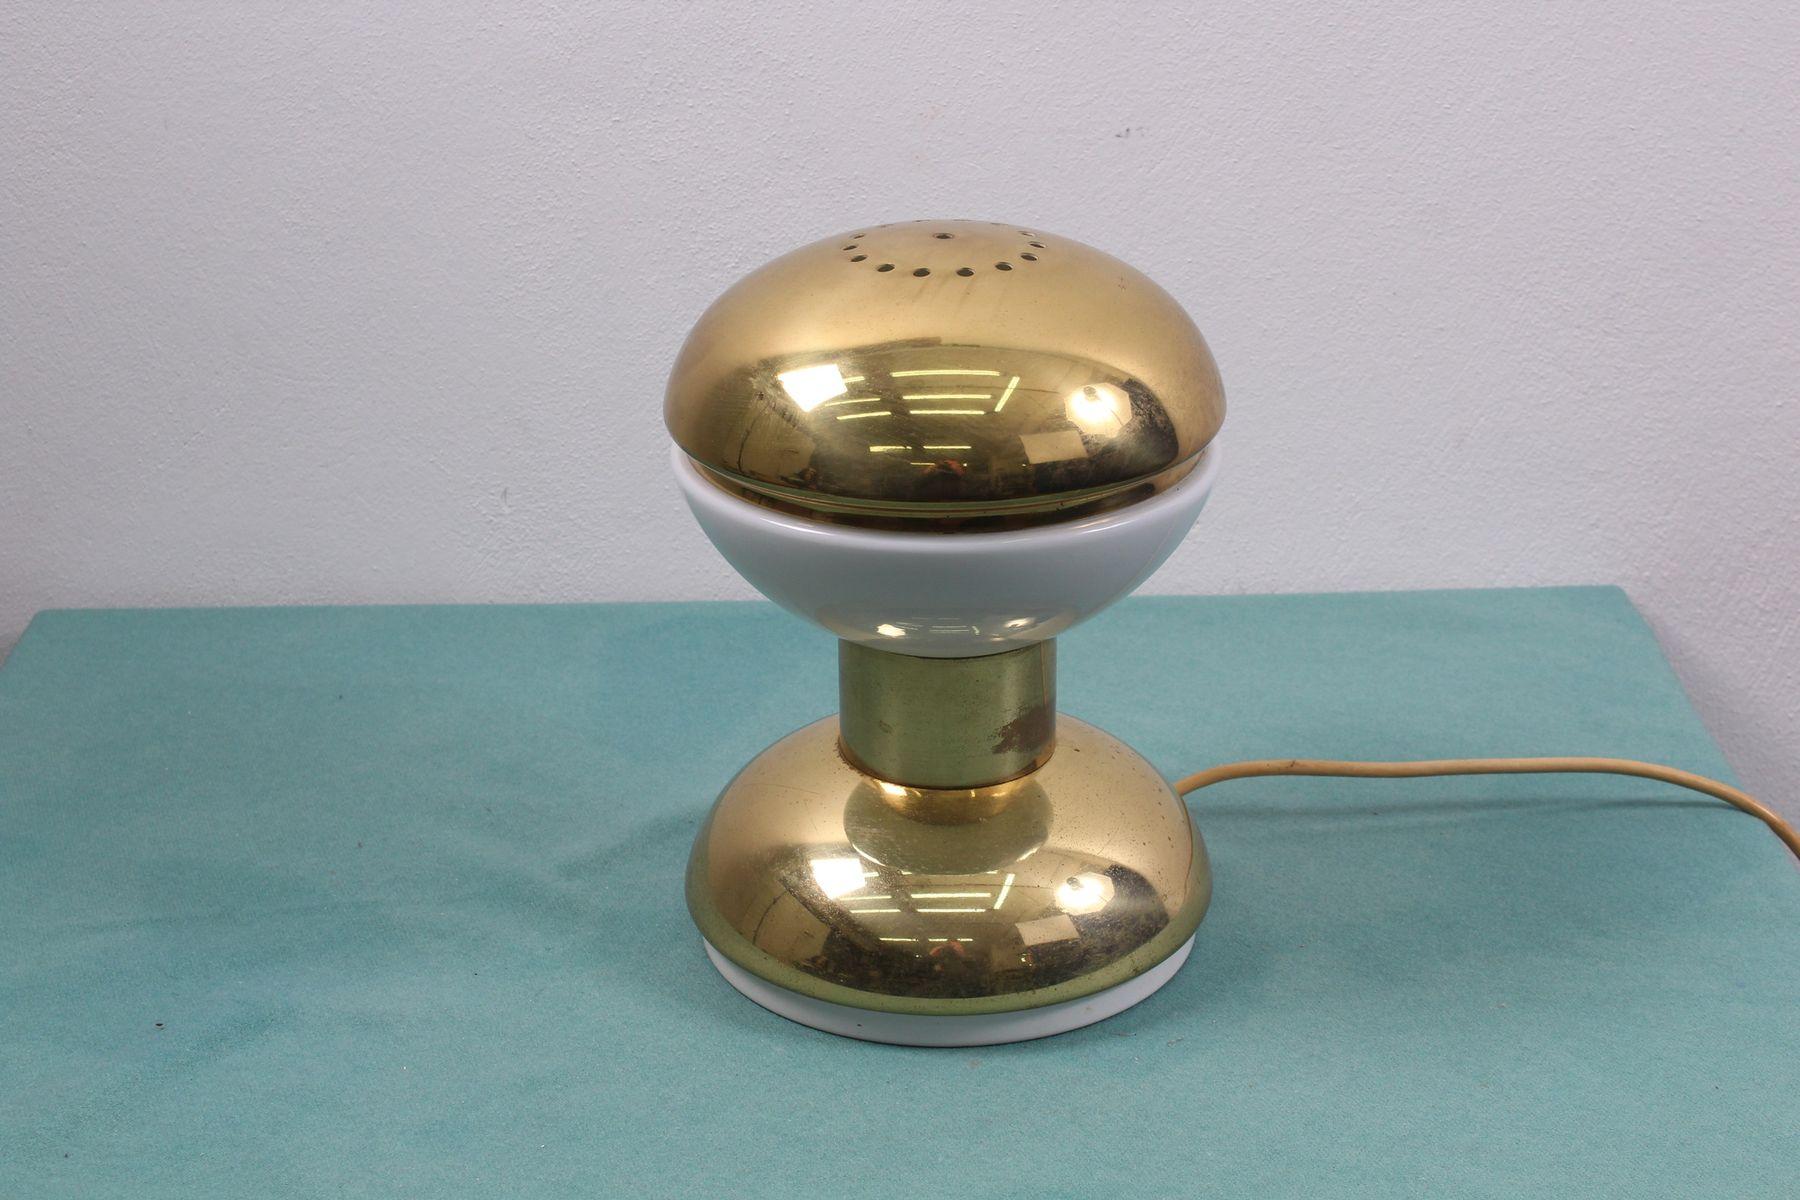 Vintage Tischlampe von Valenti Luce, 1970er